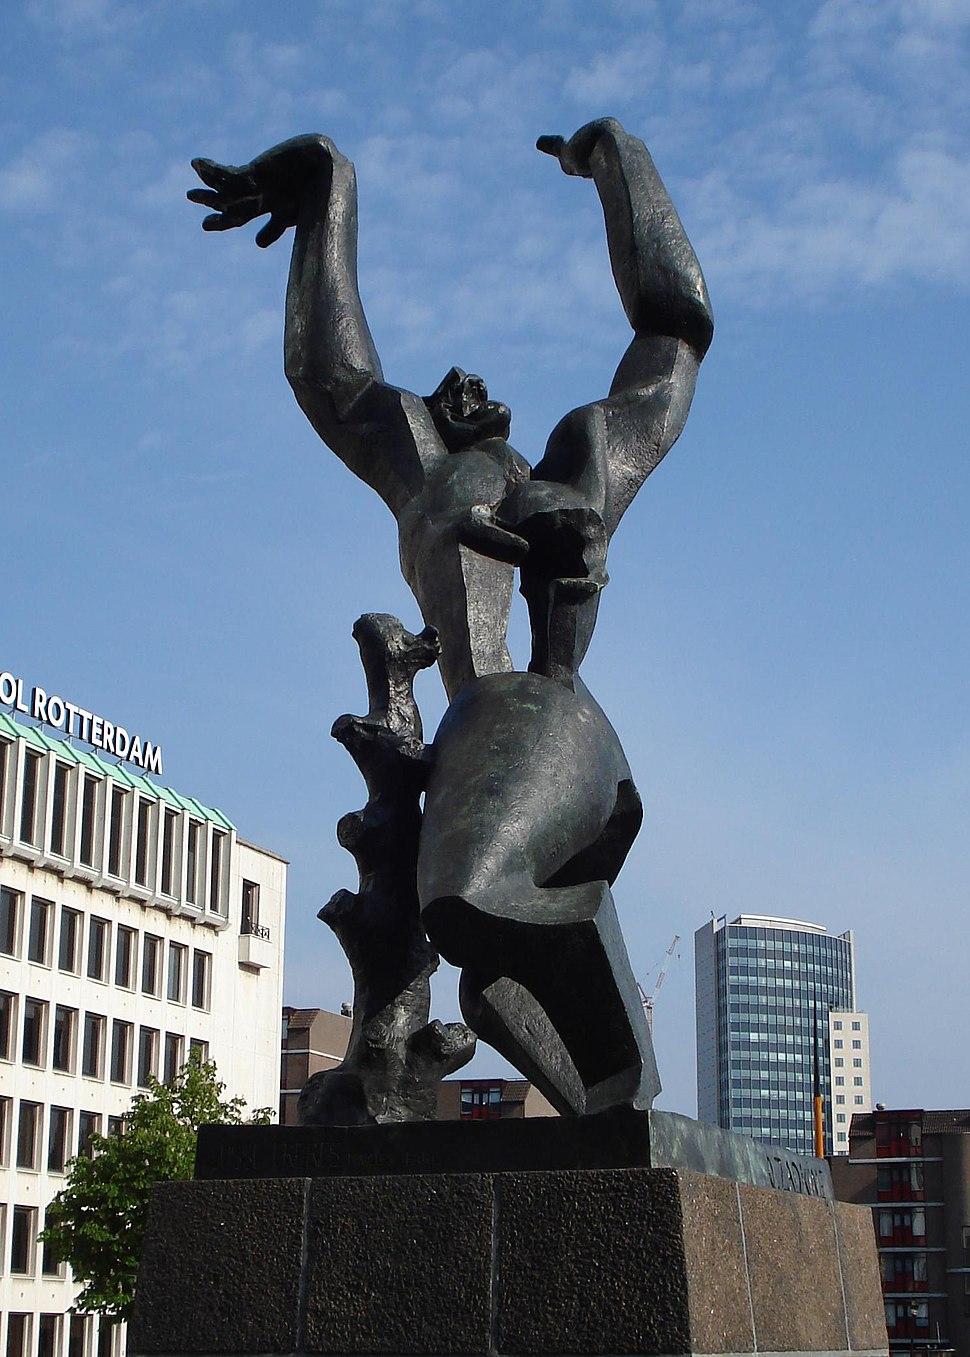 Rotterdam zadkine monument